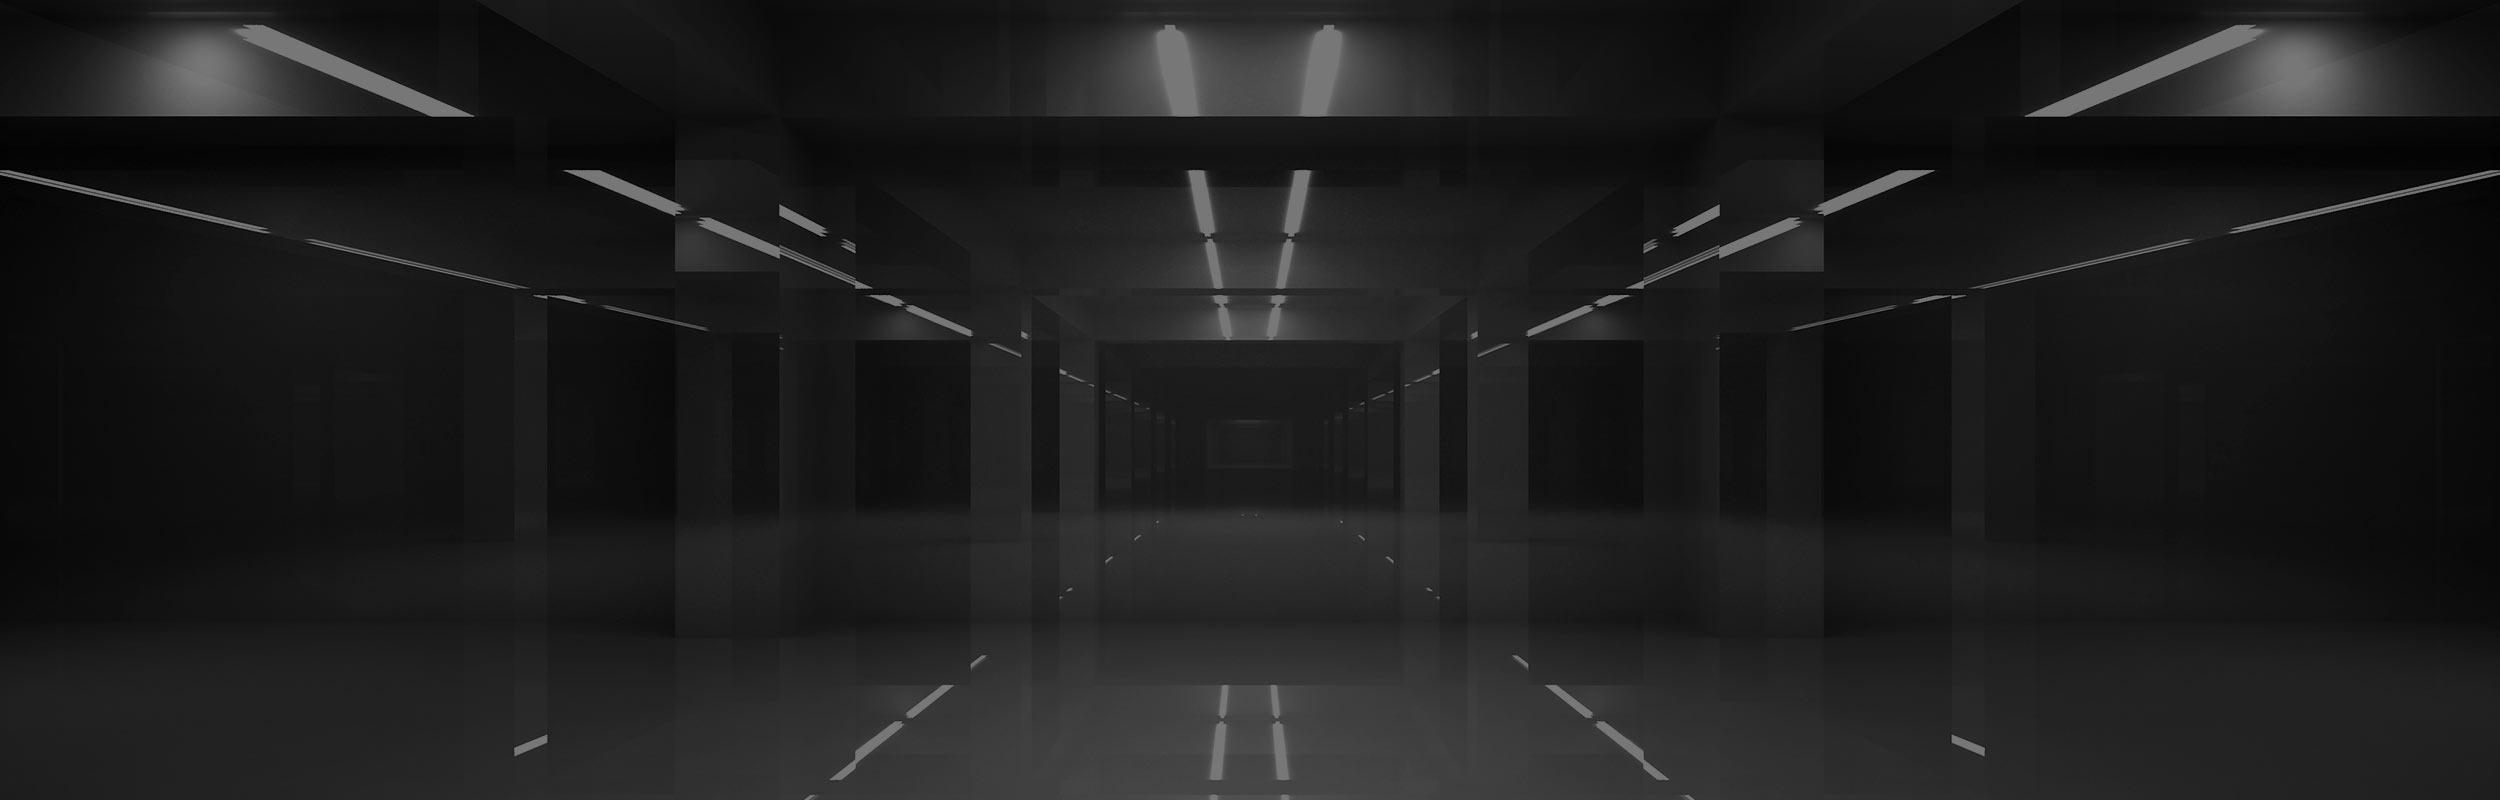 lokal med nedsatt belysning